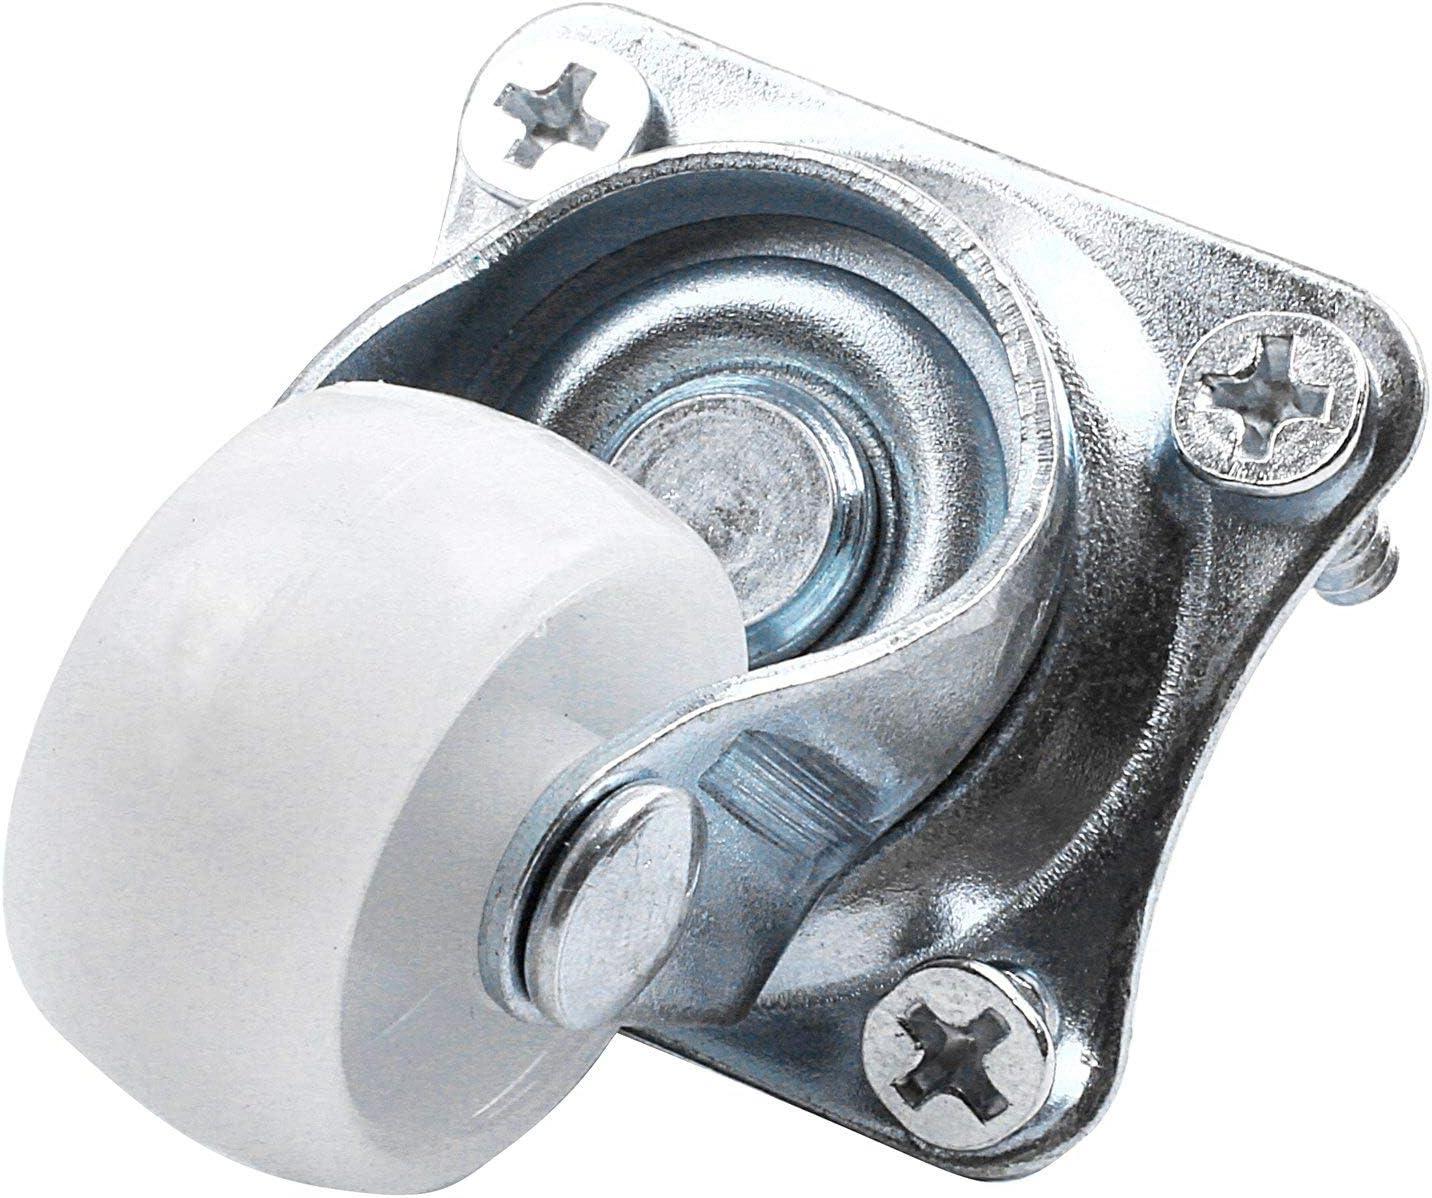 Nrpfall 4 unidades, rotaci/ón de 360 grados, 1 di/ámetro Carrito de ruedas